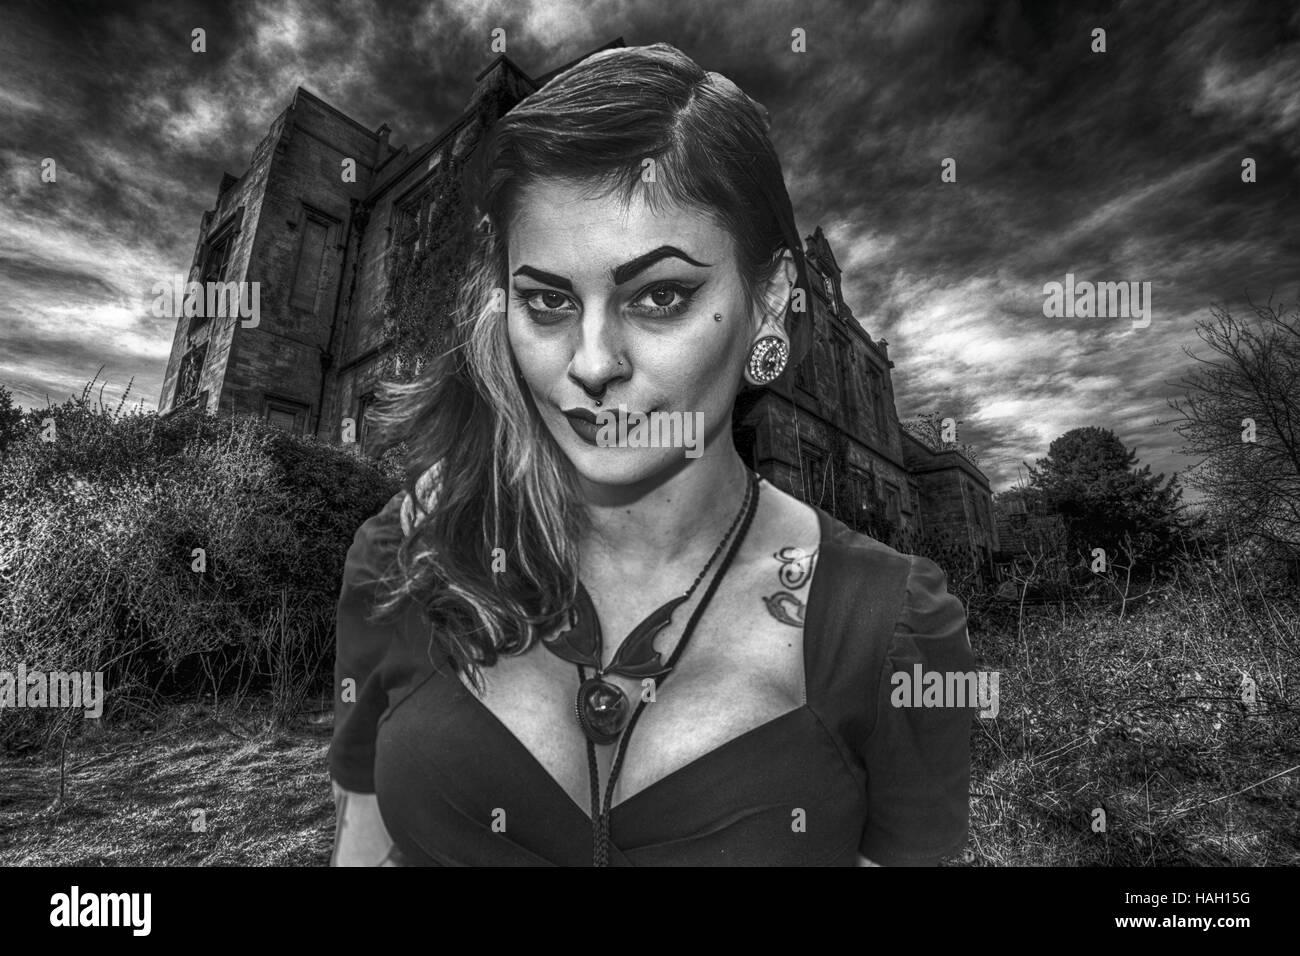 Gothic Girl, Goth Girl, schwarz und weiß, hübsche Mädchen, dunkle, geheimnisvolle, dralle, alternative Stockbild